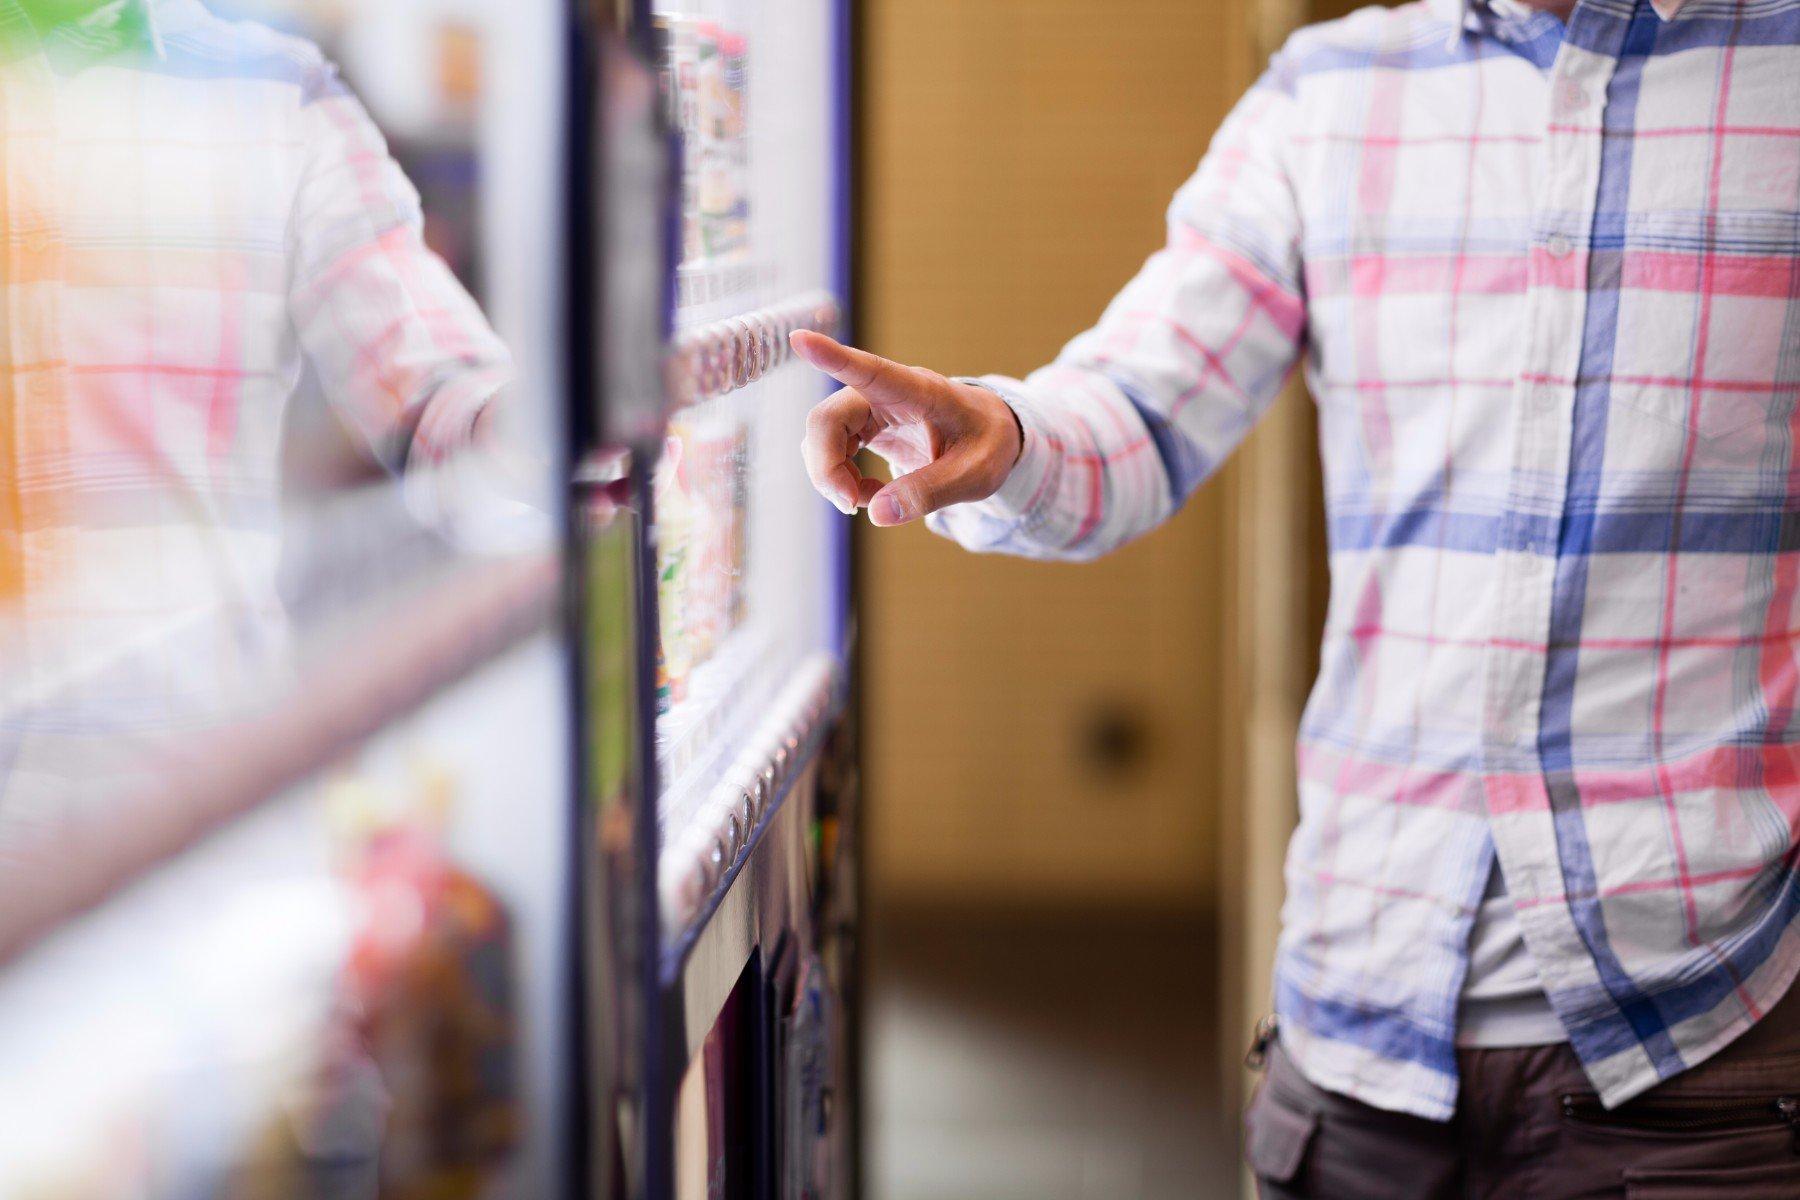 ragazzo seleziona prodotto sul distributore automatico